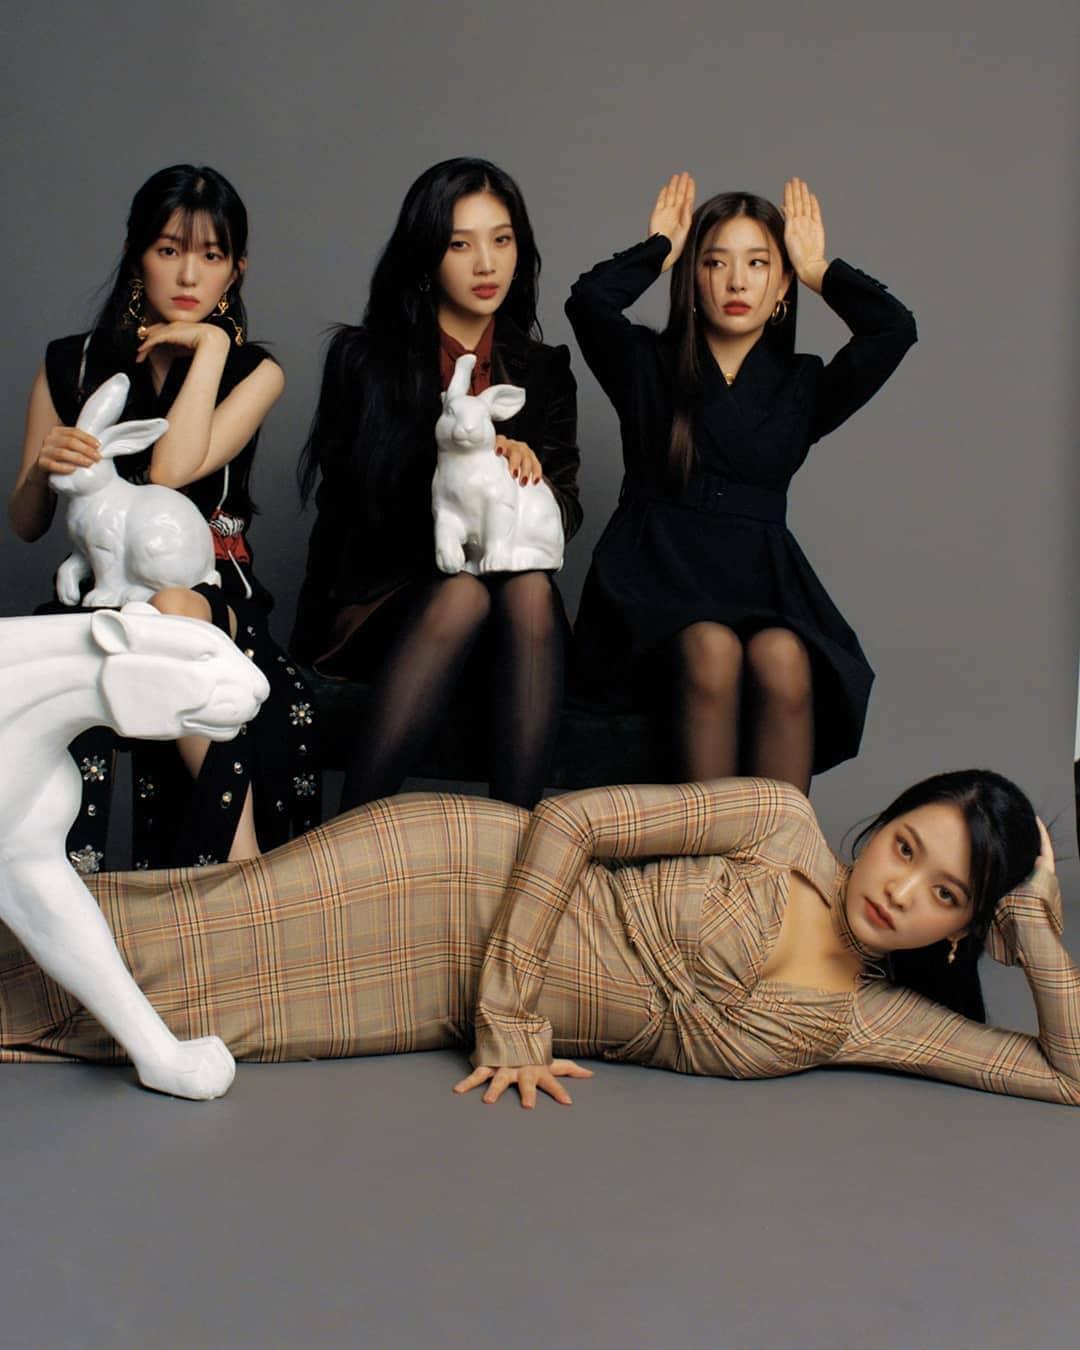 Chuẩn bị comeback, Red Velvet dát đầy hàng hiệu trên người, bất ngờ là thương hiệu trang phục của Irene - Ảnh 2.